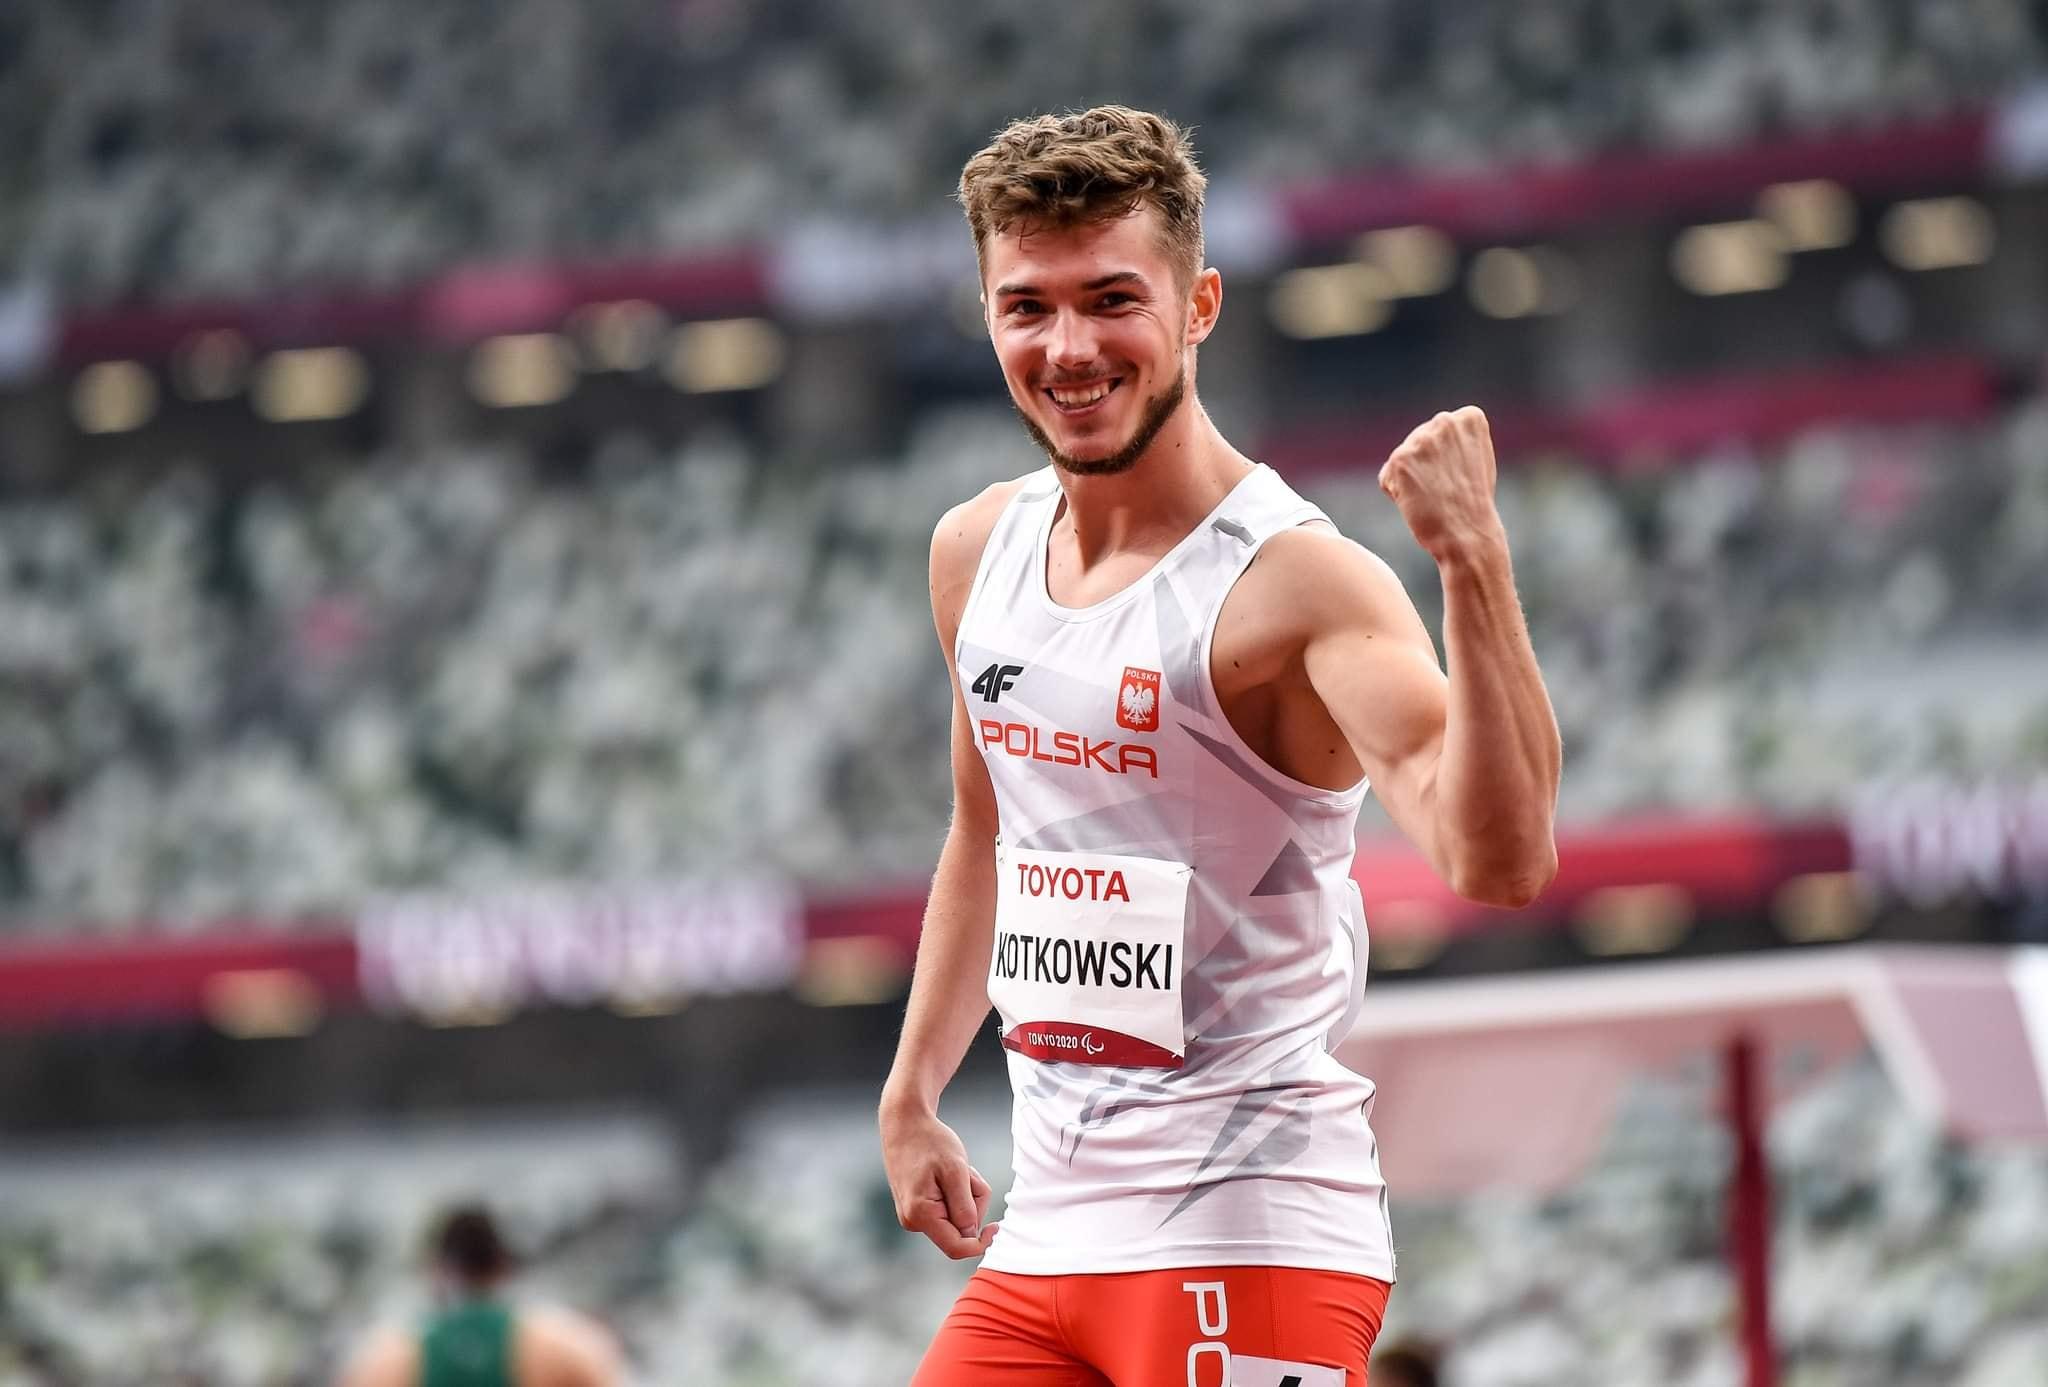 Dzisiejszy start mimo, że bez medalu to uważam za bardzo udany 1 - Start Poznań